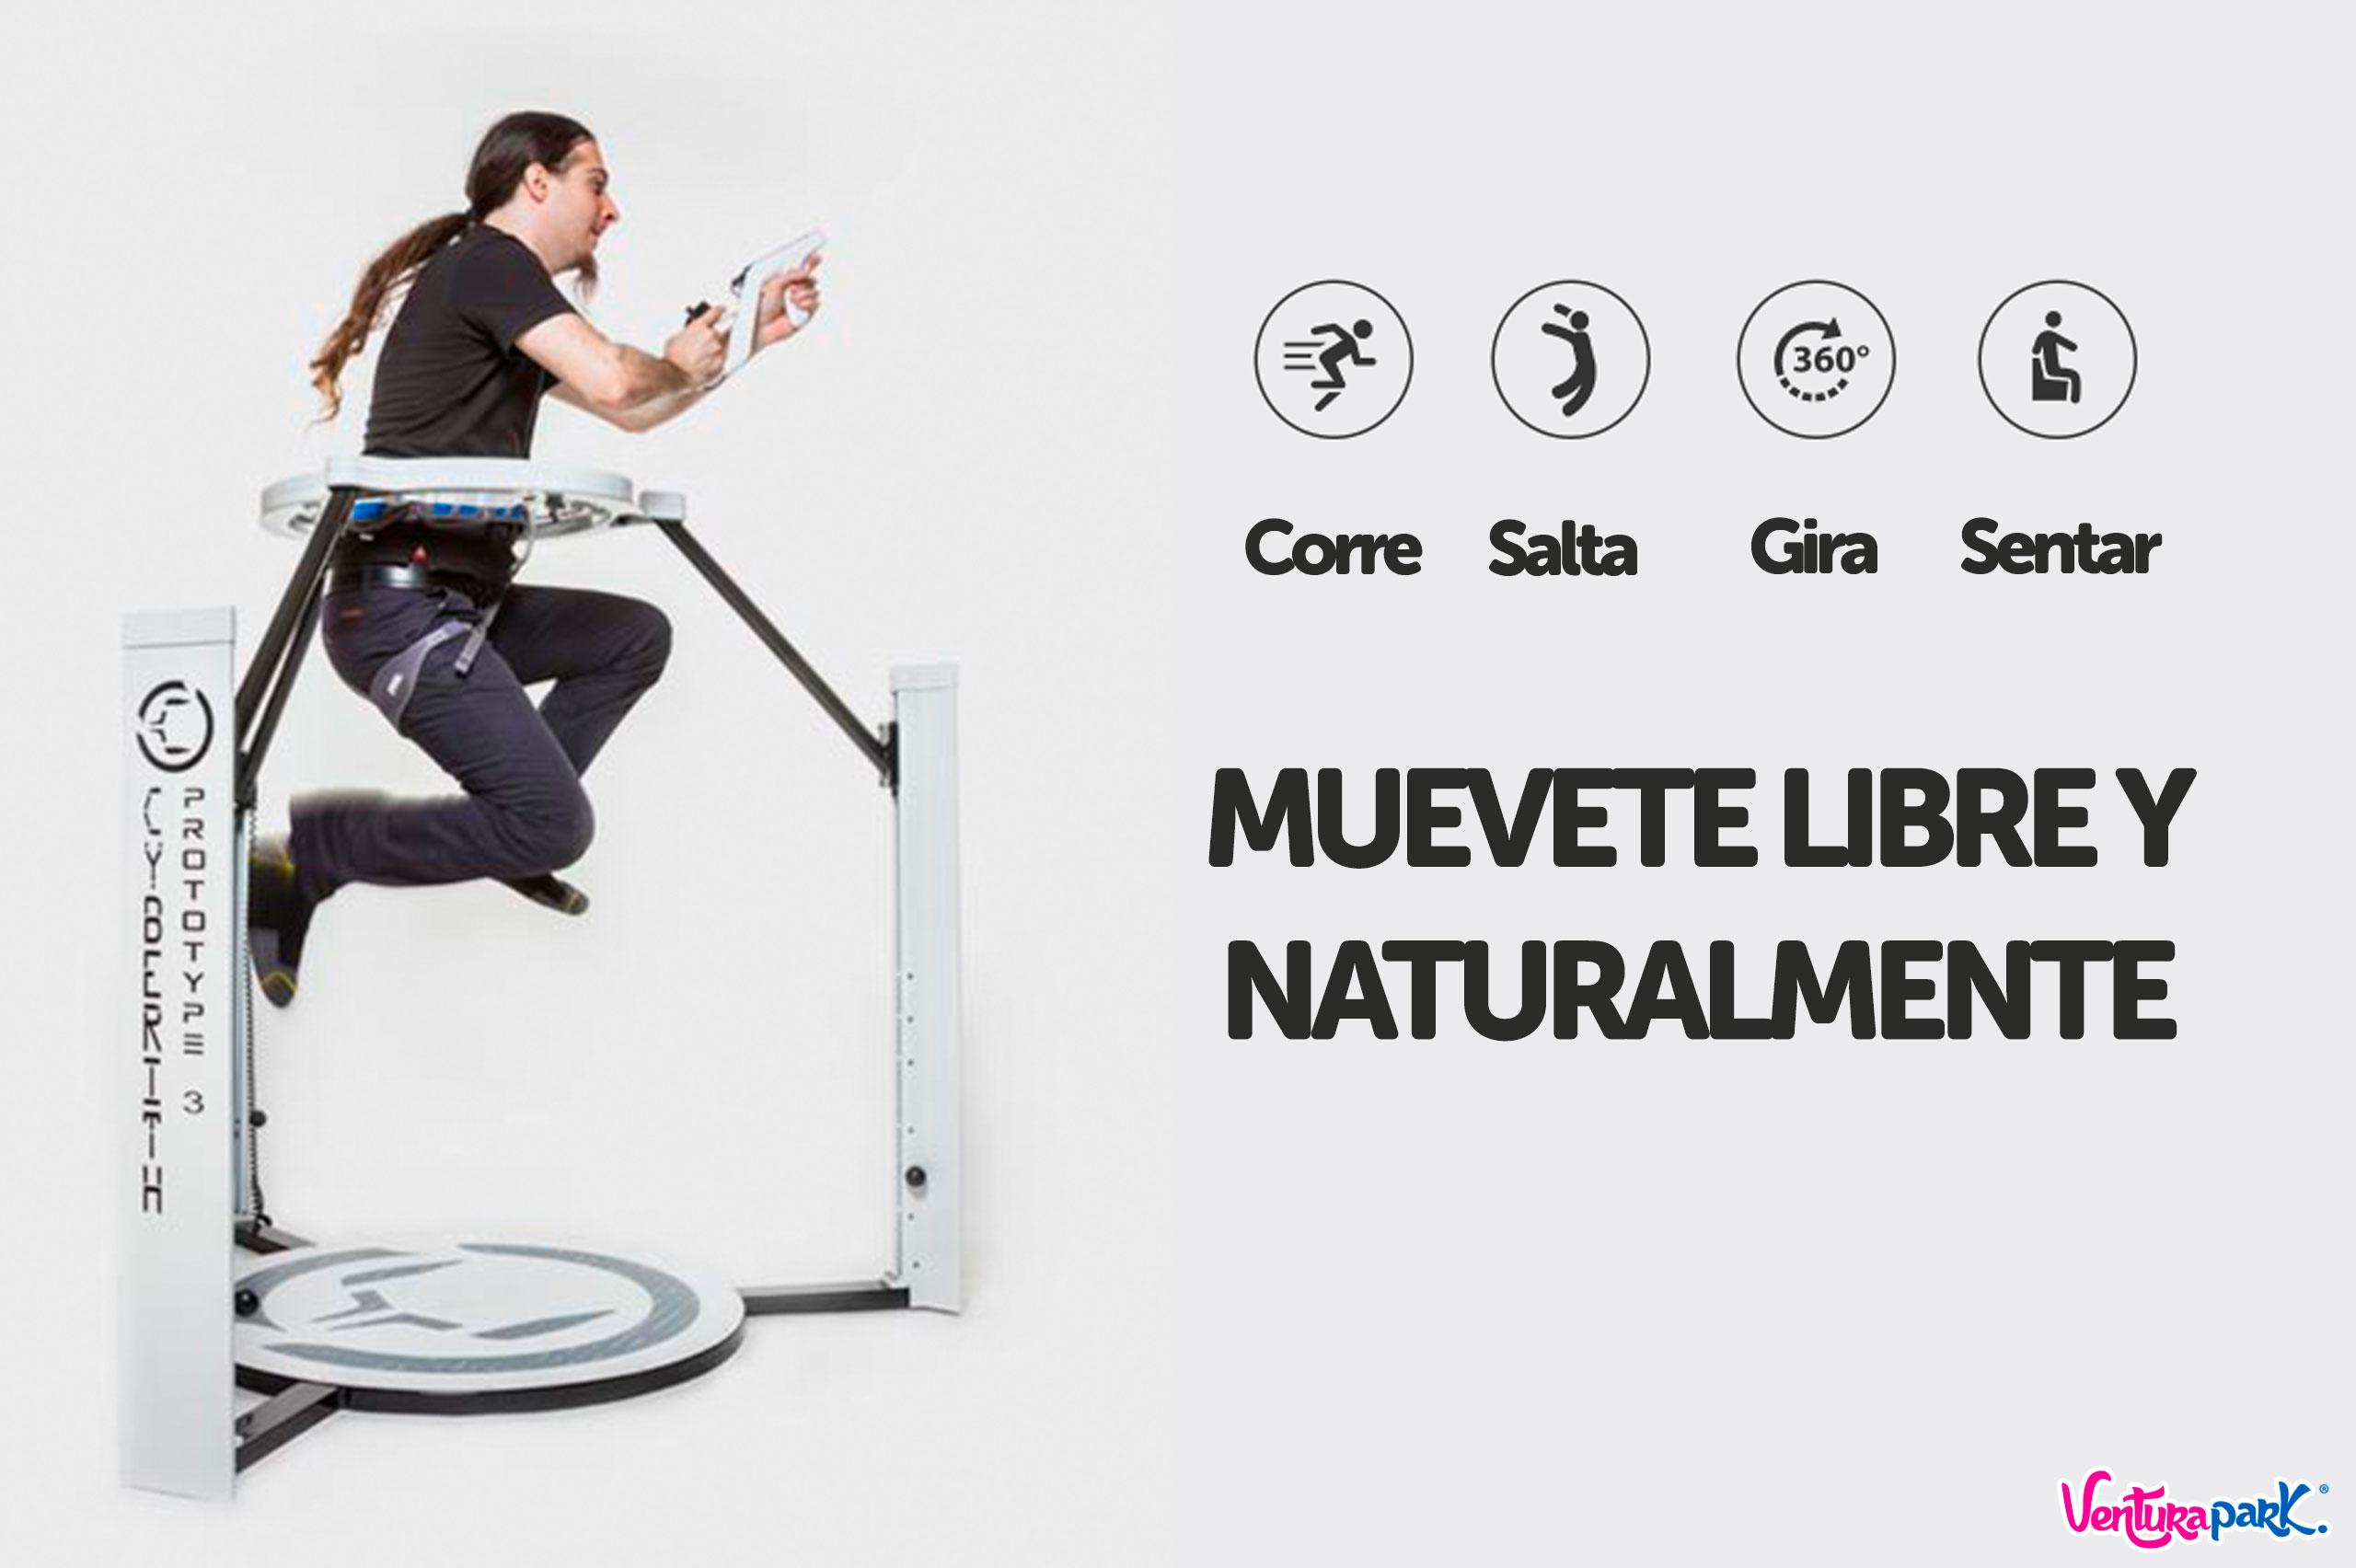 realidad virtual en ventura park